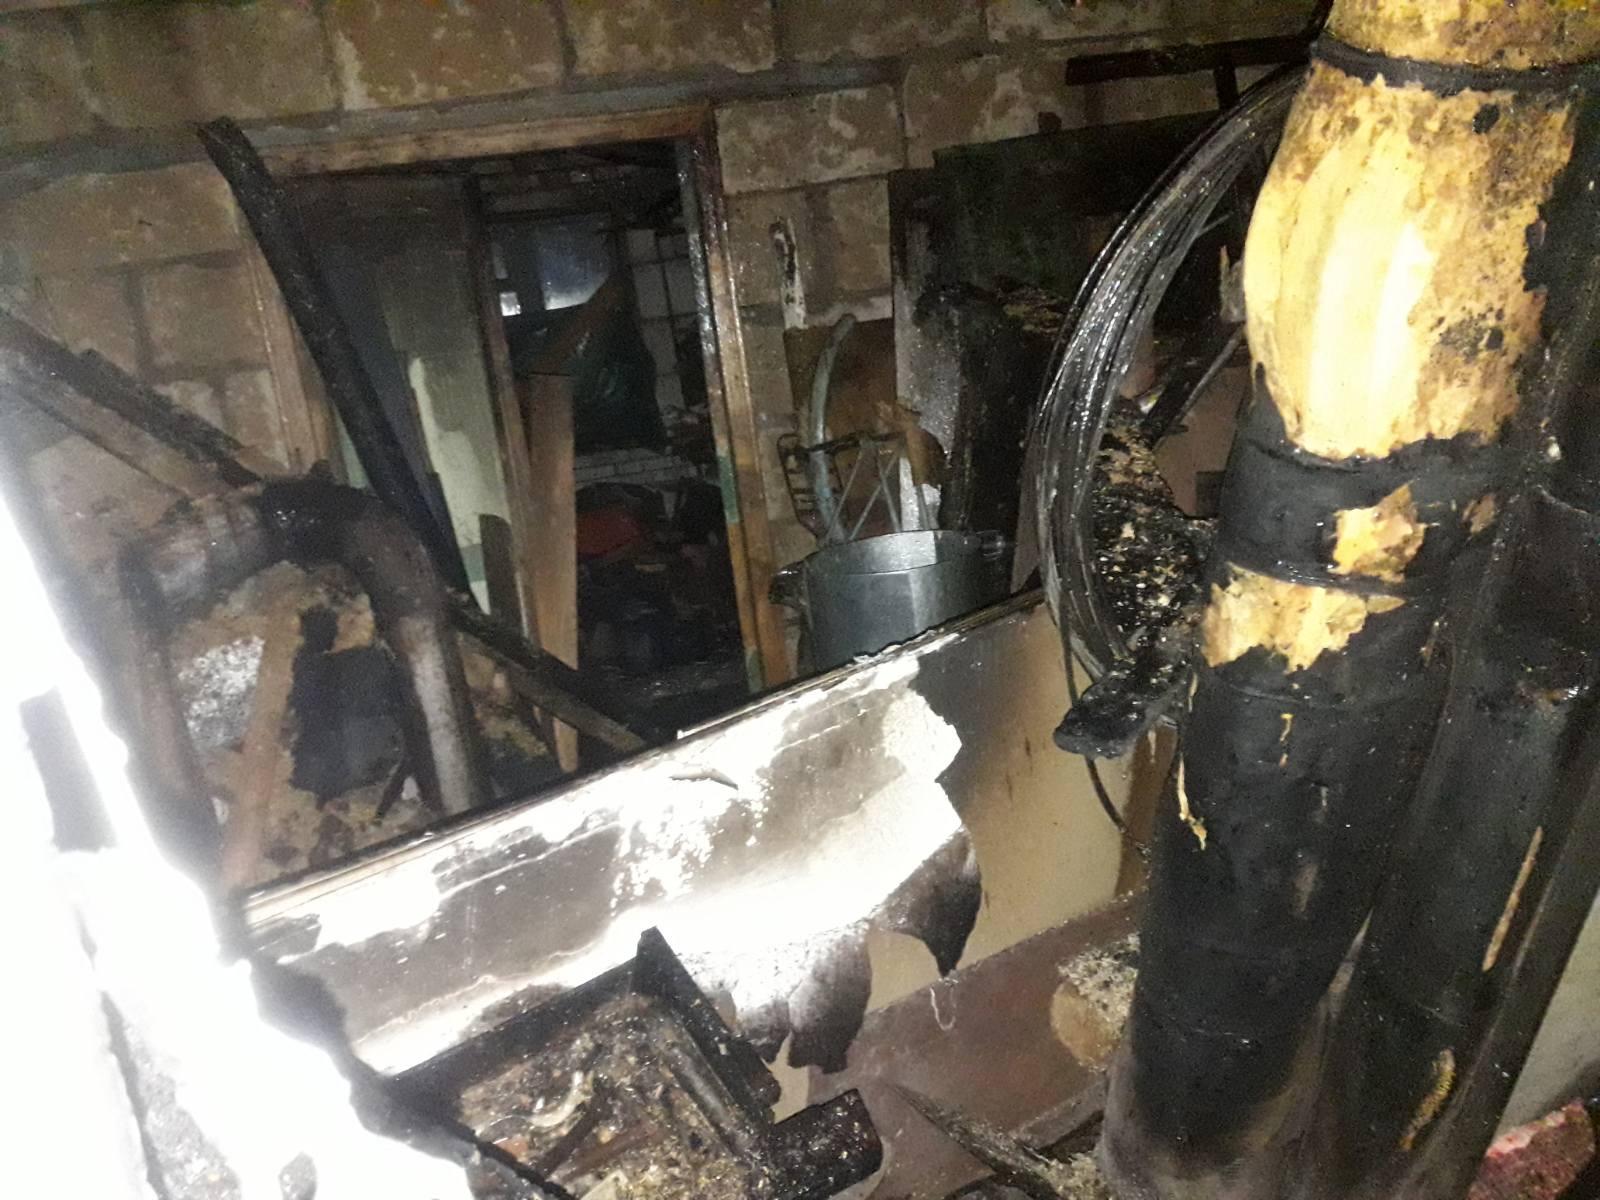 Пожежа у Дмитрівці: горів приватний будинок - Дмитрівка, Бучанський район - 87BD3ABB 0580 4672 A6F2 377EDBF133F1